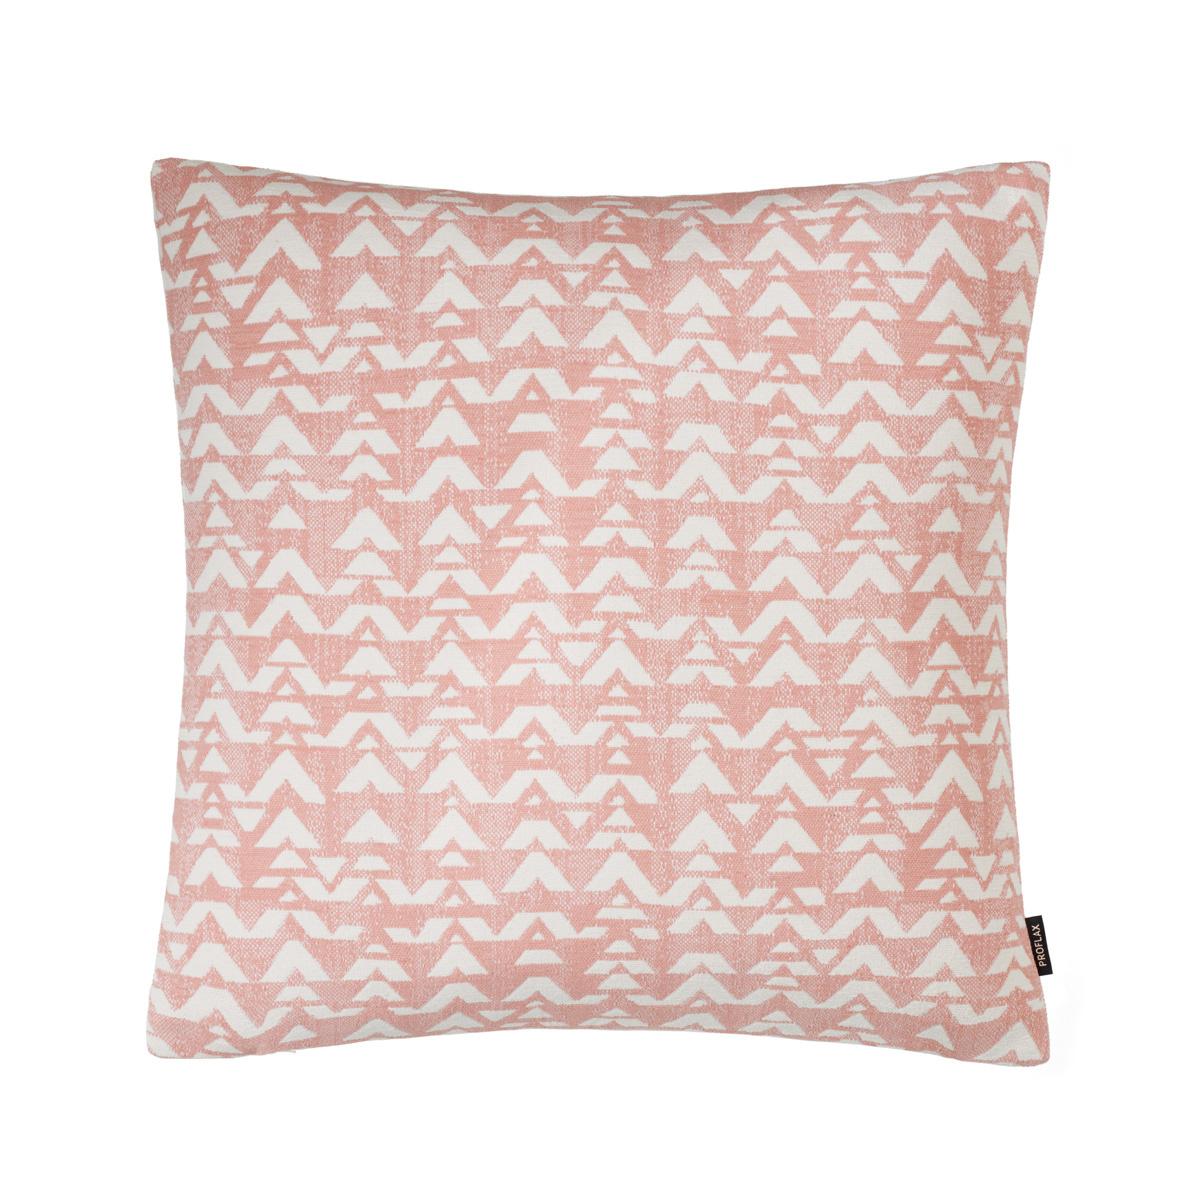 PROFLAX Kissenhülle Filipp 50x50cm Farbe Blossom